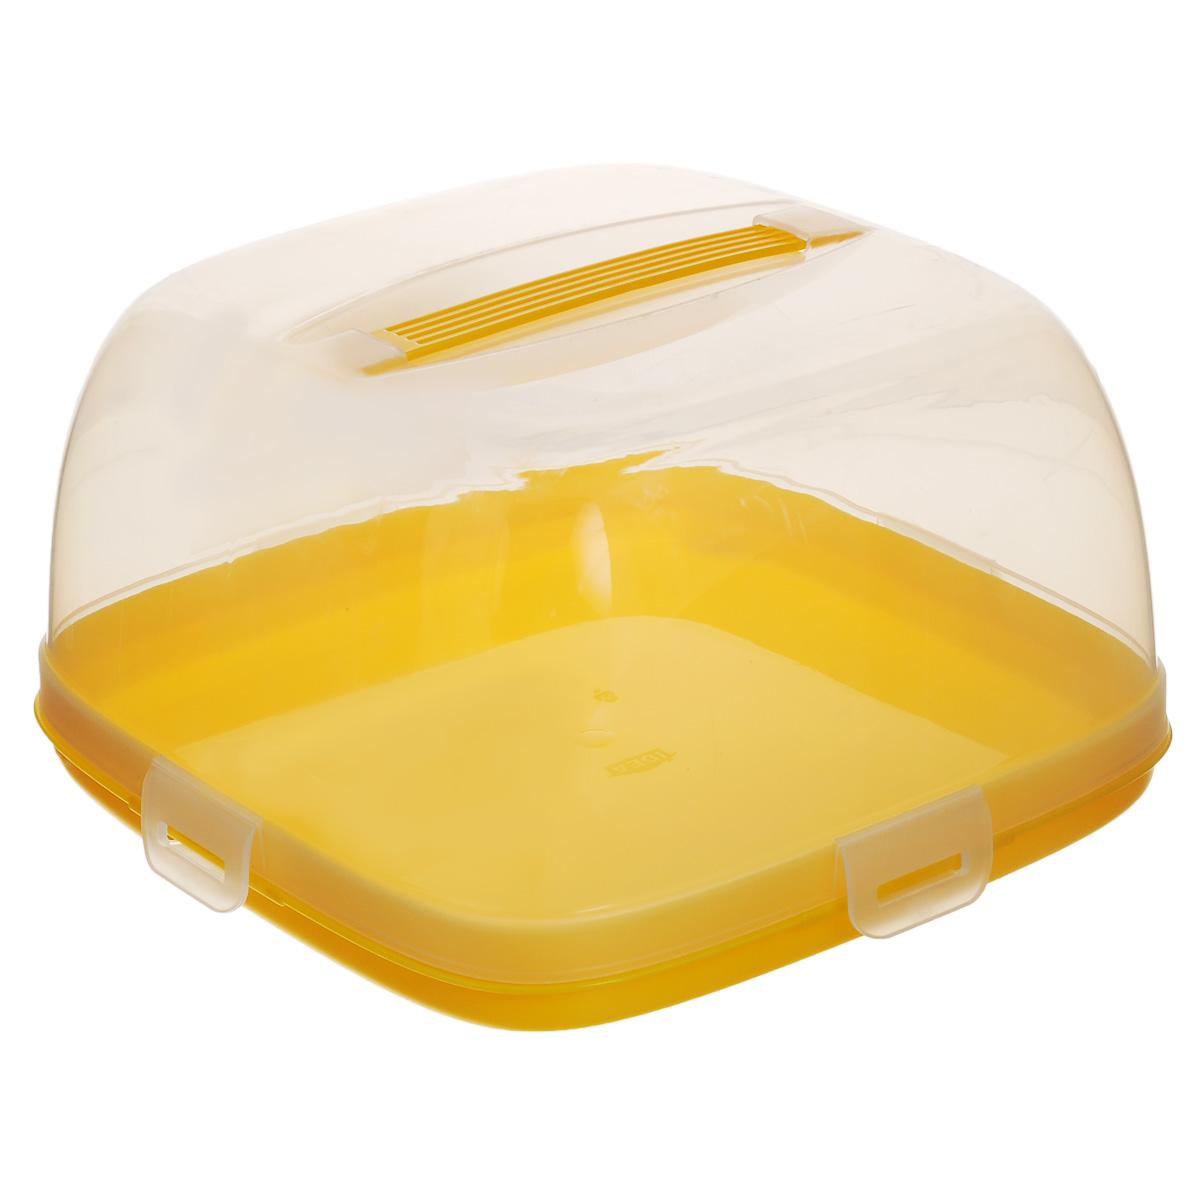 Тортница Idea, с защелками, цвет: прозрачный, желтый, 24 х 24 смМ 1121Тортница Idea изготовлена из высококачественного прочного пищевого пластика. Она состоит из квадратного двухстороннего поддона и прозрачной крышки. Благодаря четырем защелкам крышка плотно сидит на подносе, что позволяет сохранить первоначальную свежесть торта и защитить его от посторонних запахов. Крышка тортницы имеет удобную ручку для переноски. Размер поддона: 24 см х 24 см. Высота борта: 2,5 см. Высота крышки: 12,5 см. Уважаемые клиенты! Обращаем ваше внимание на возможные изменения в дизайне упаковки. Качественные характеристики товара остаются неизменными. Поставка осуществляется в зависимости от наличия на складе.